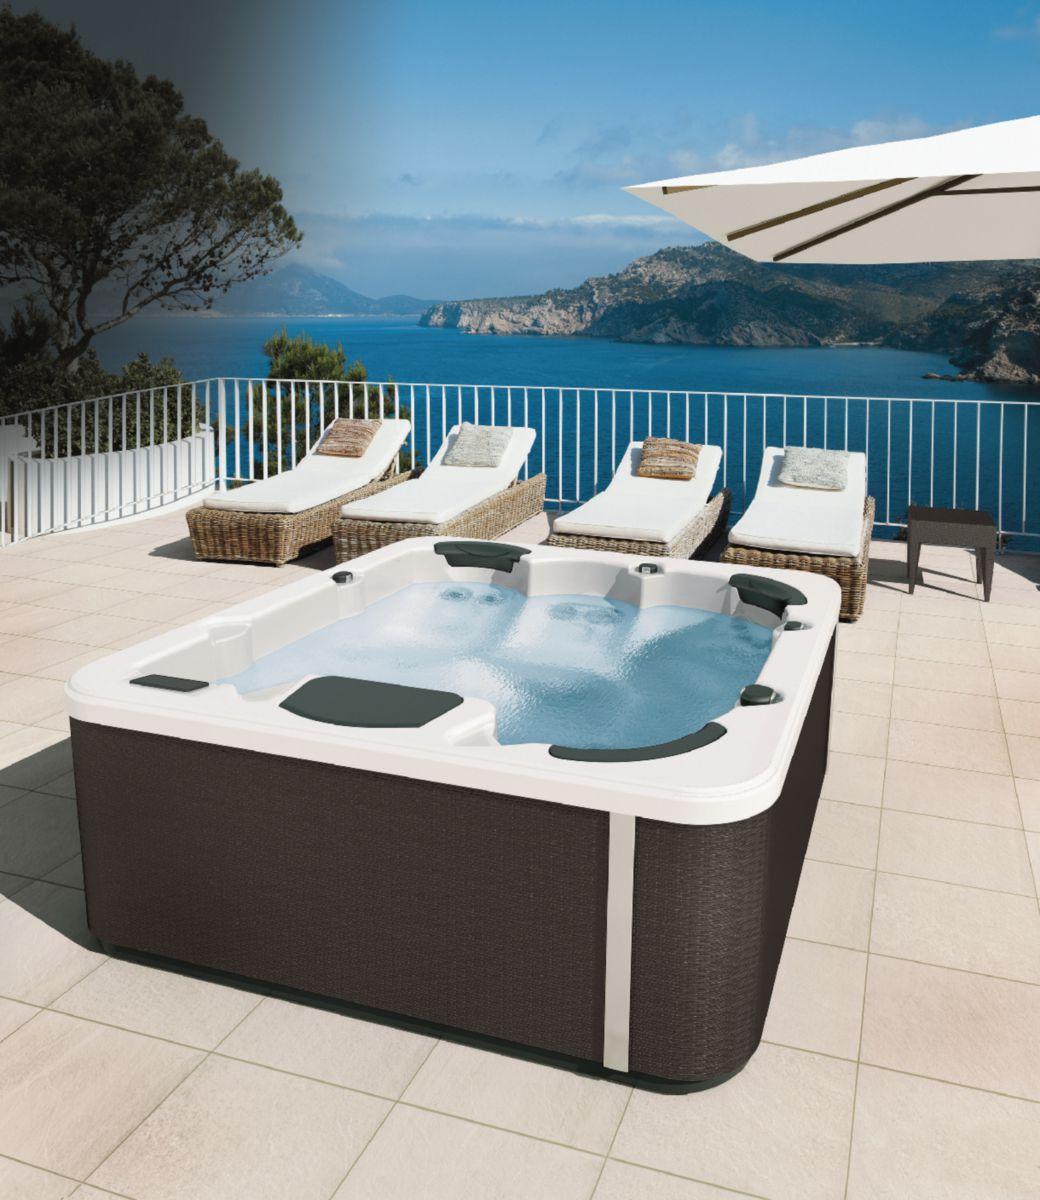 Happy spa tout compris 3 places envie de salle de bain for Envie de salle de bain